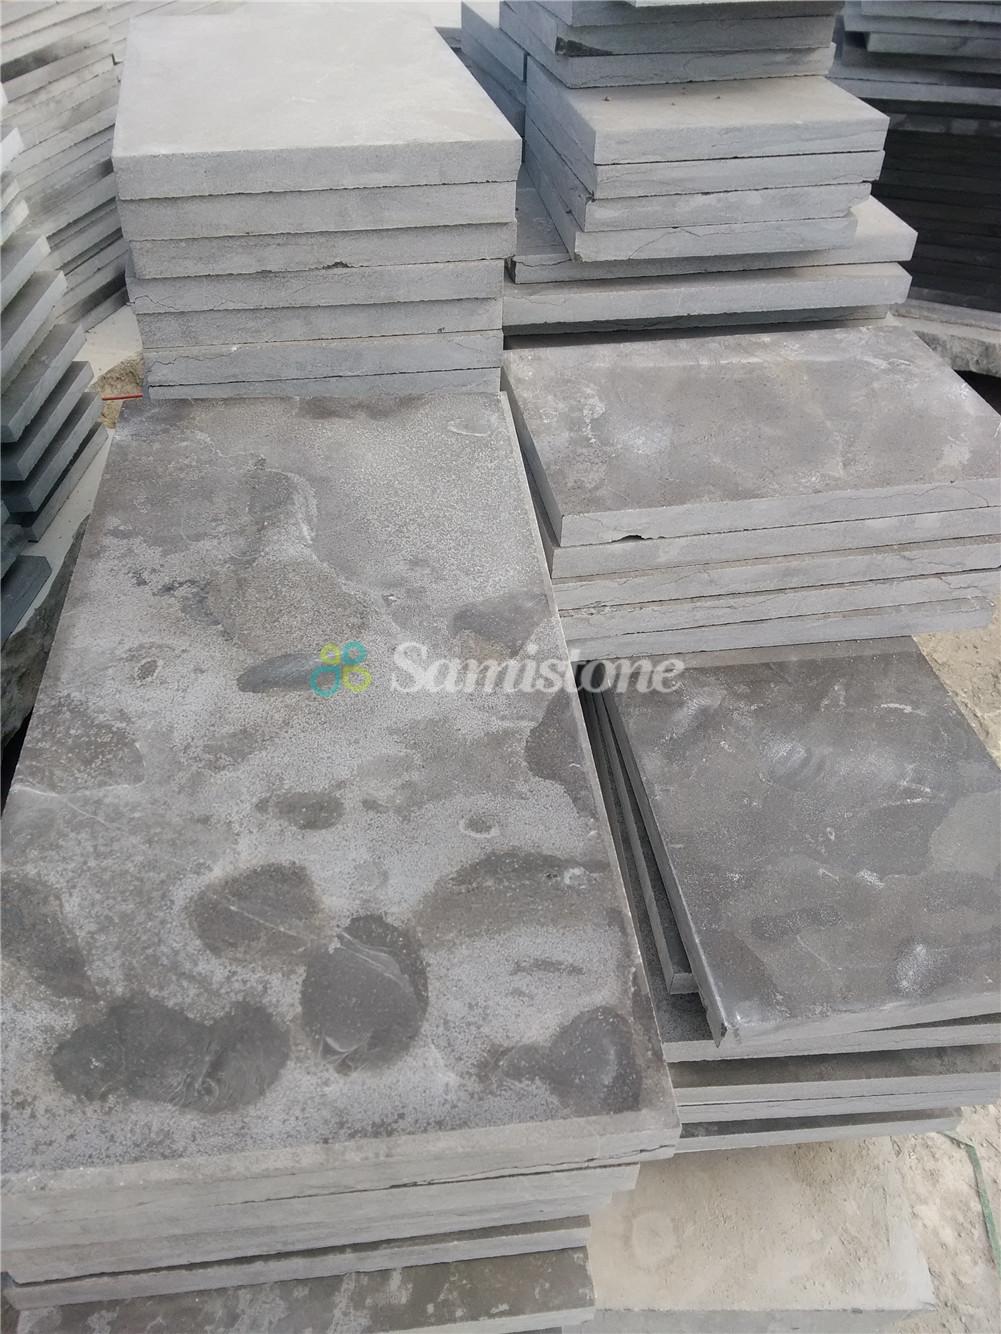 Samistone Blue Limestone Acid Wash Flooring Tiles